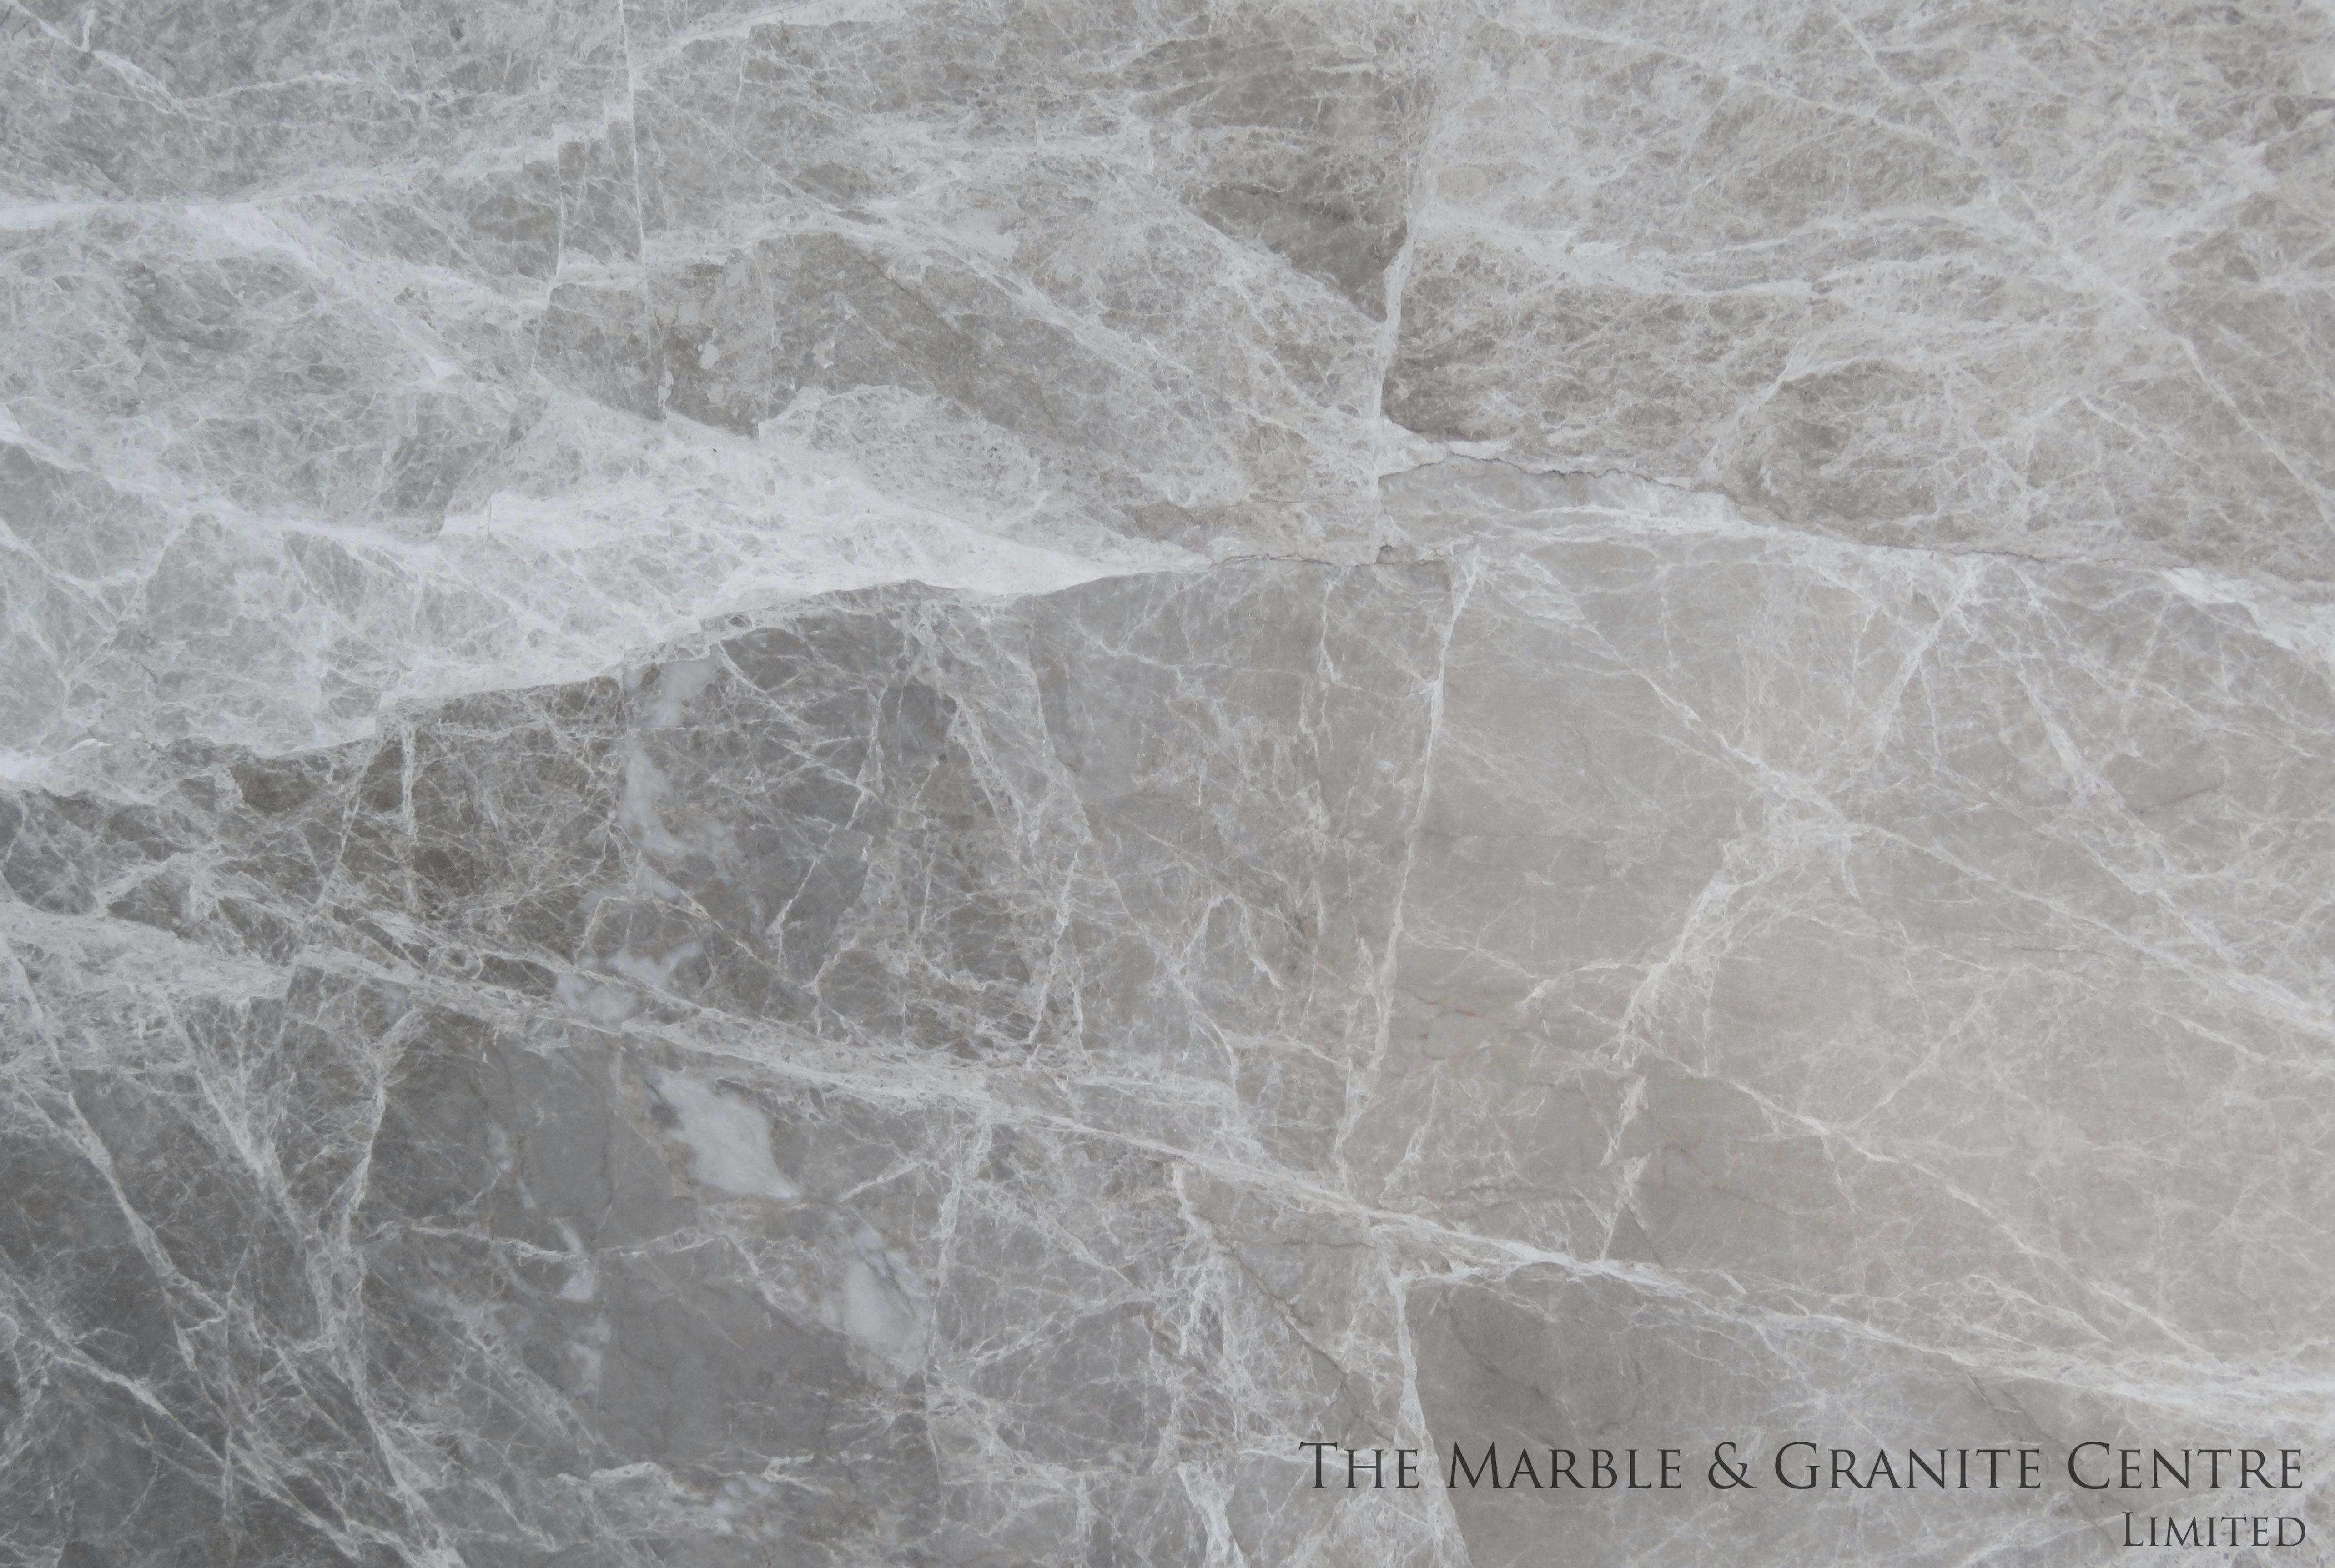 Marble Emperador Grey Polished Kamen Interer Seryj